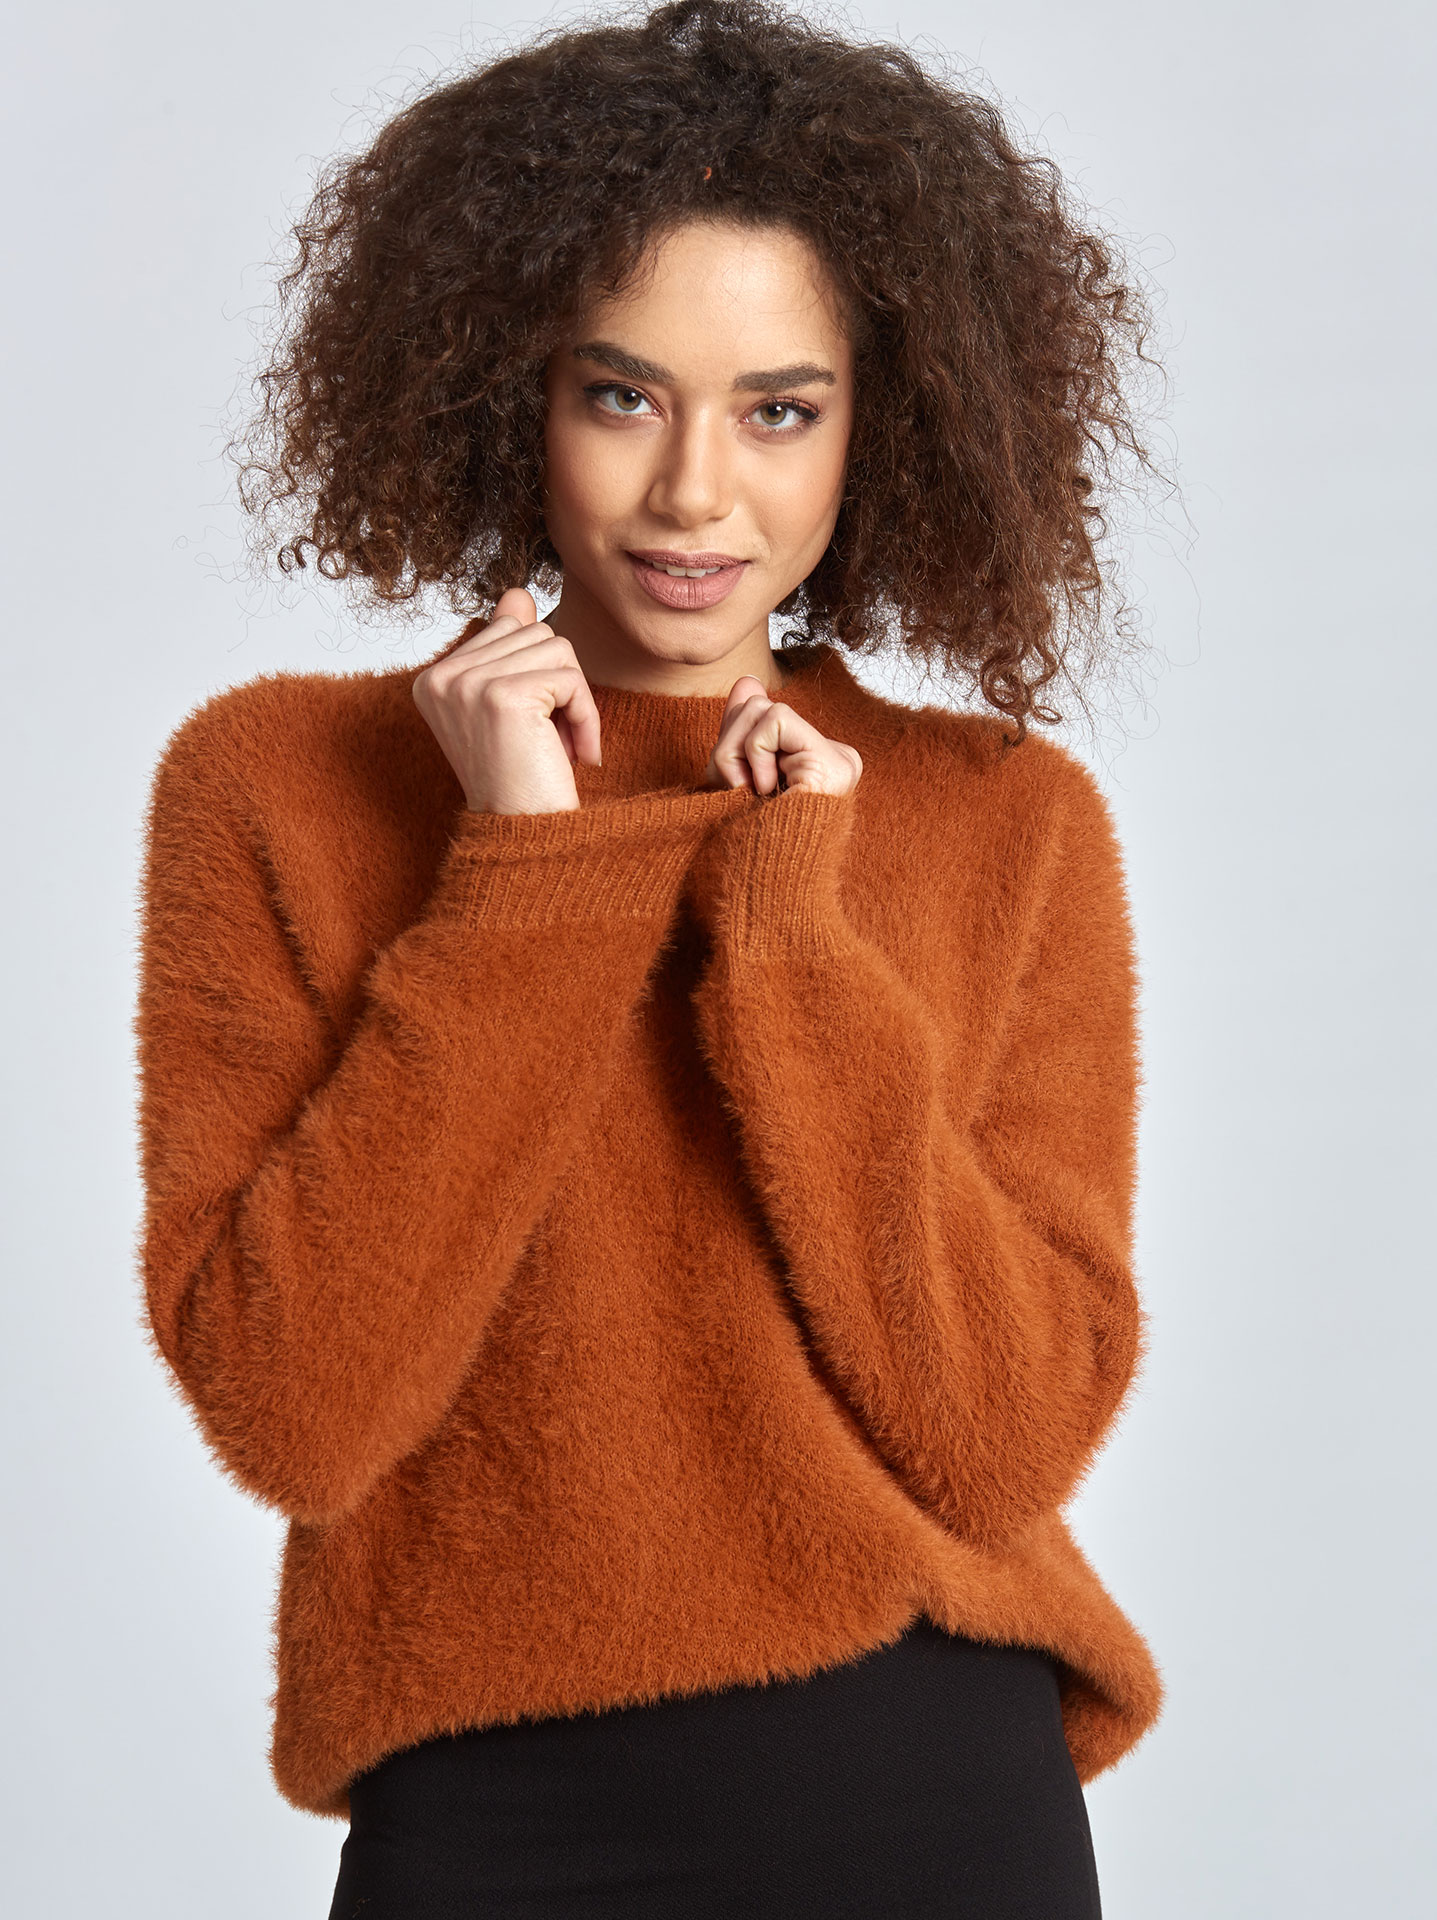 7e9878d38 Fluffy sweater in burnt orange